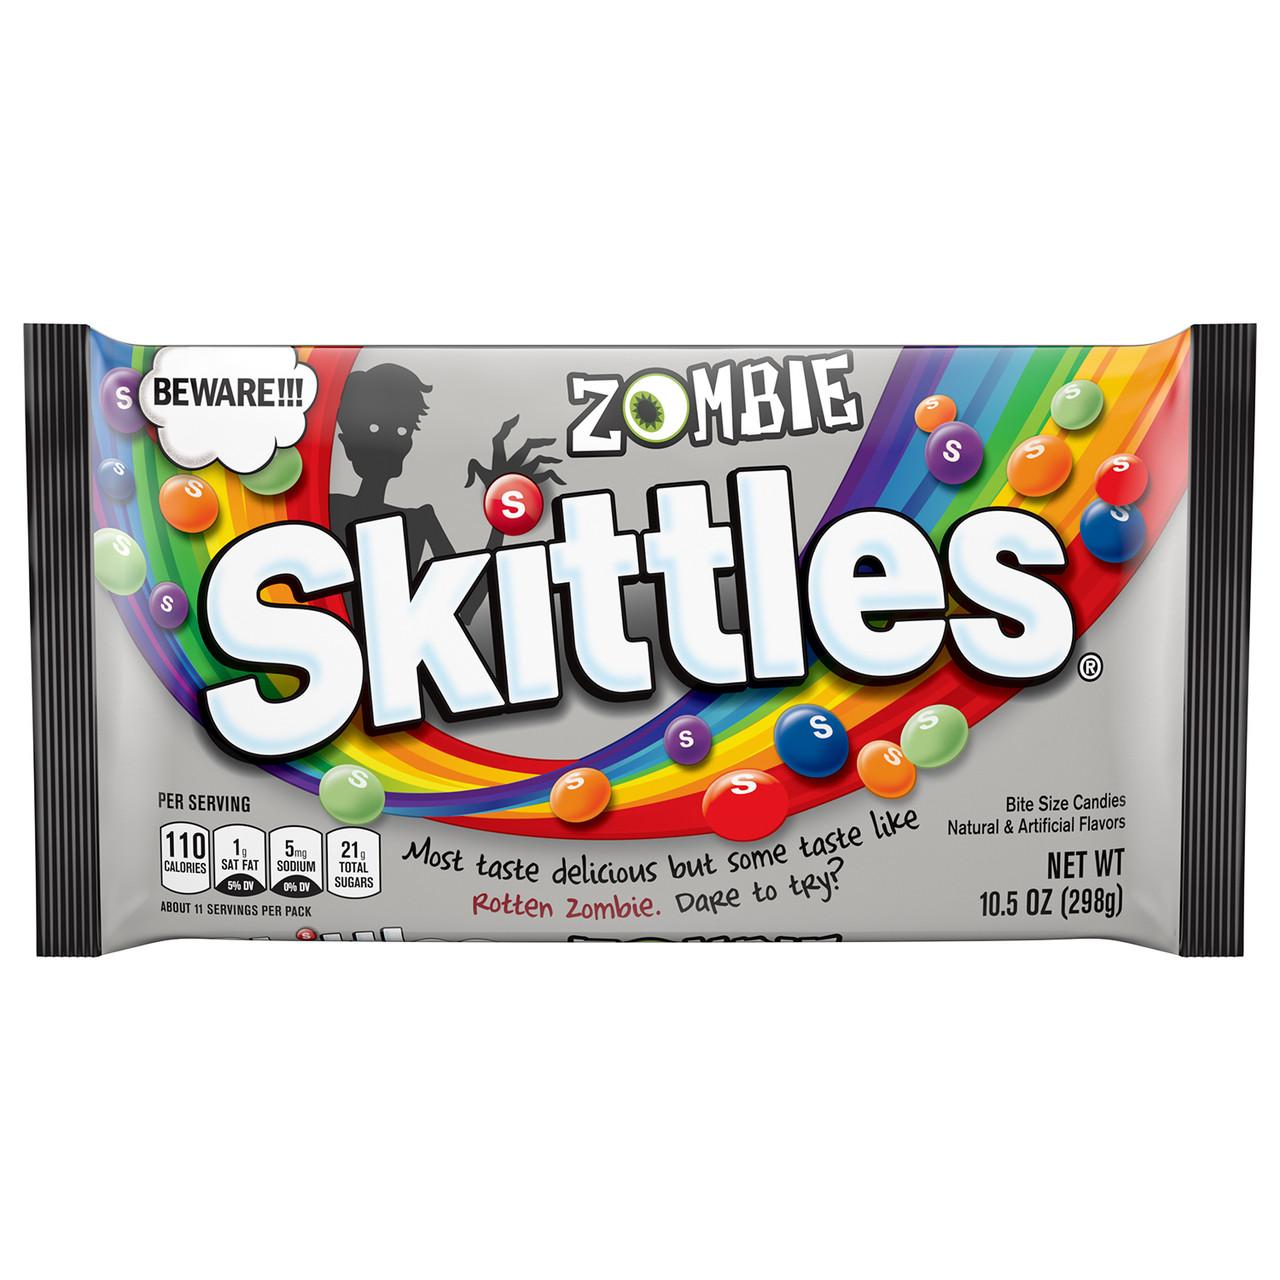 Skittles Zombie 298 g